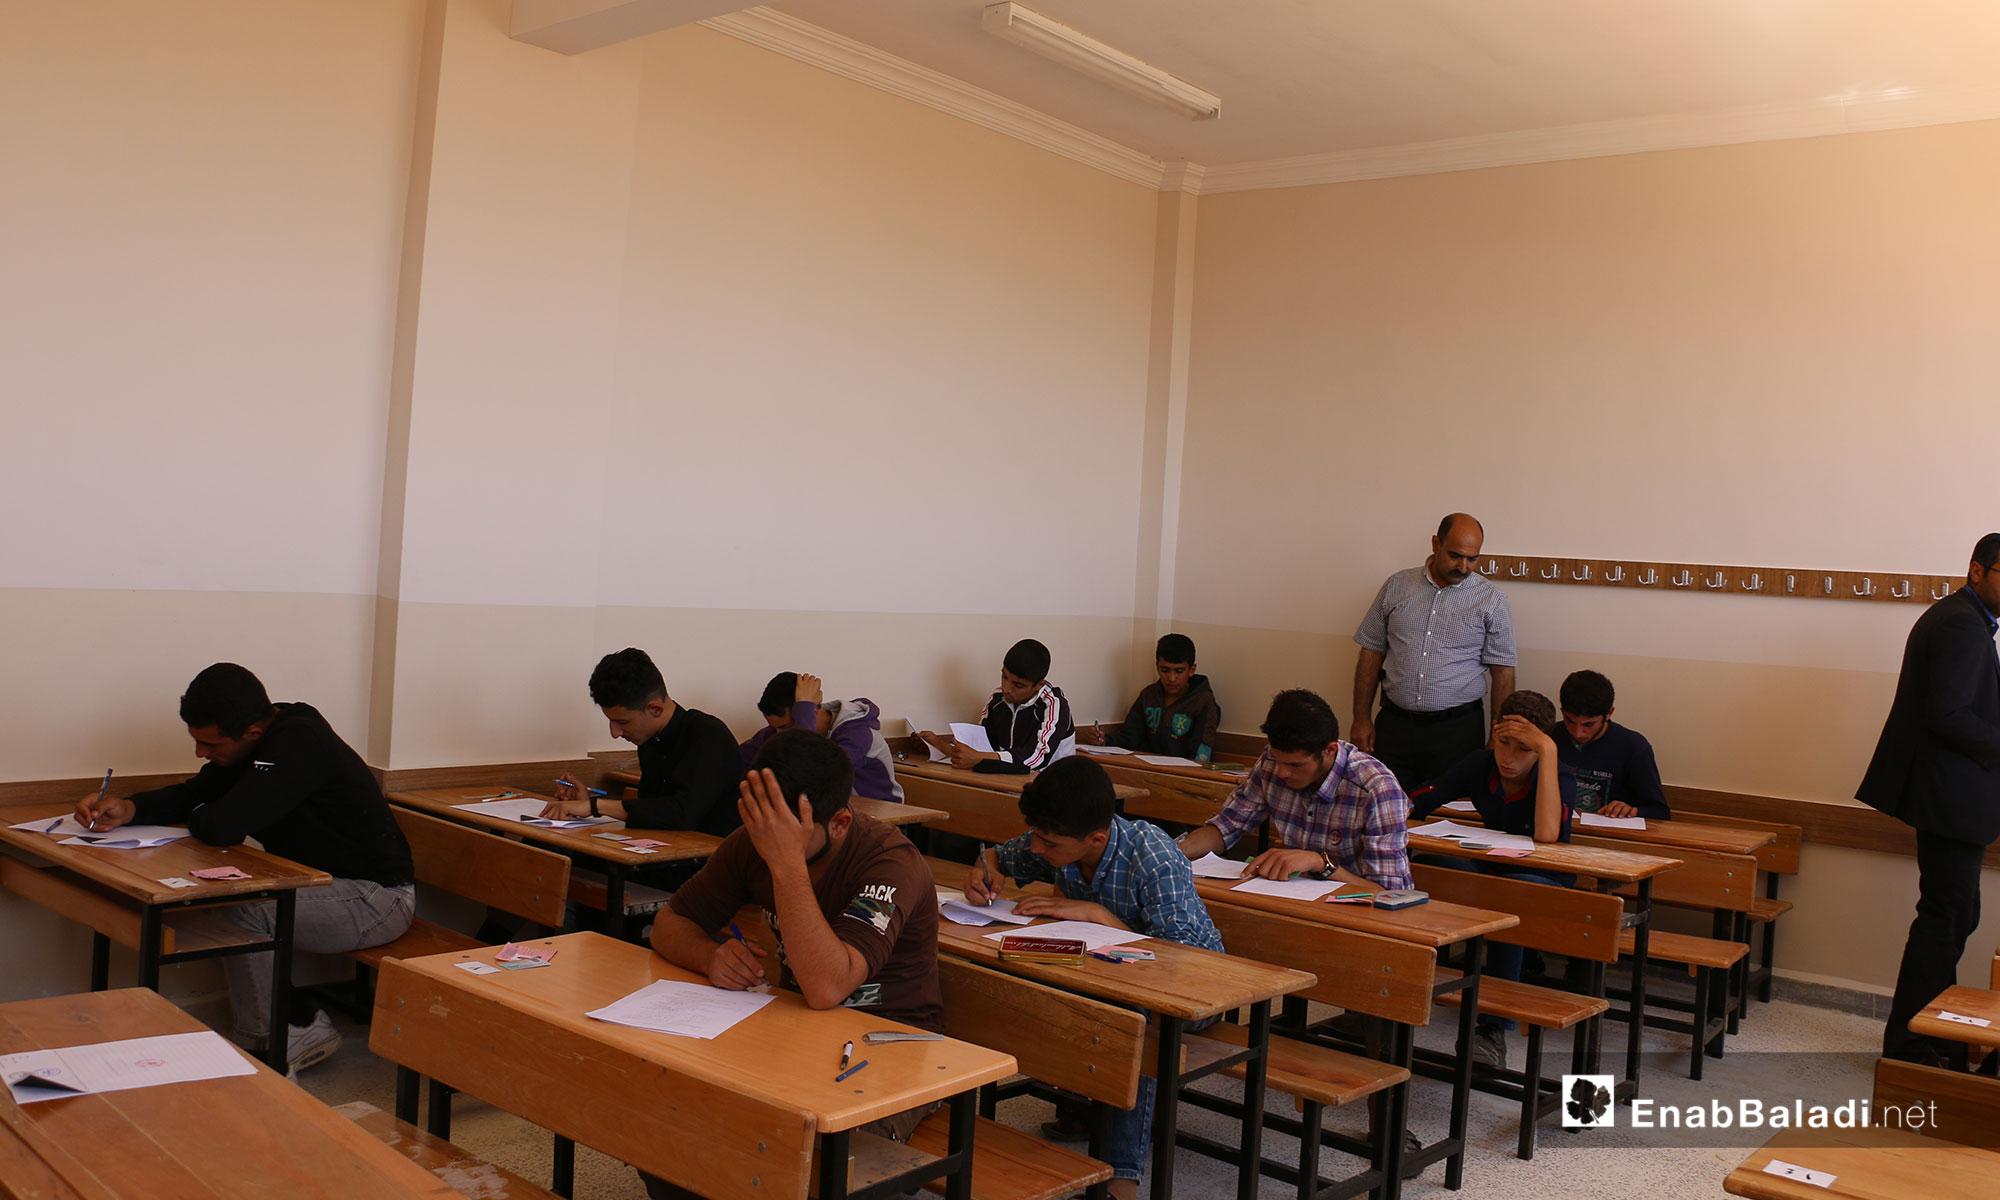 امتحانات الشهادة الاعدادية للعام 2018- 2019 في مدينة أخترين وضواحيها بريف حلب - 26 أيار 2019 (عنب بلدي)